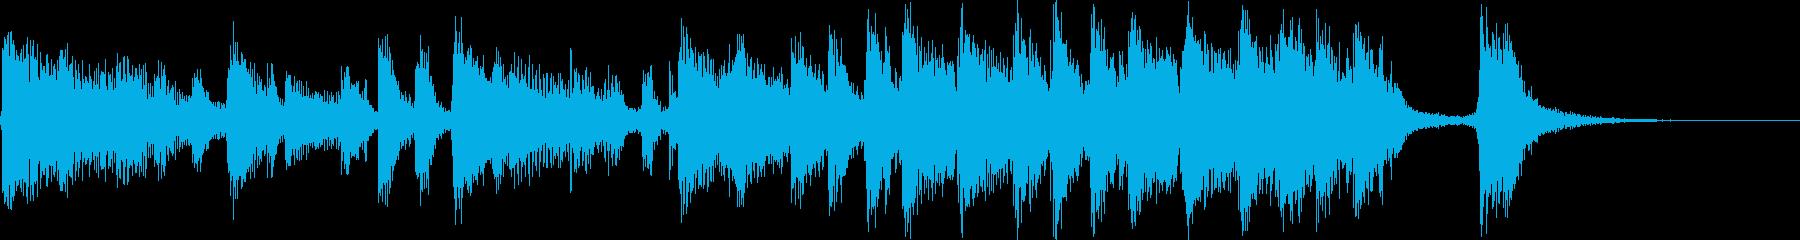 【ジングル】情熱のフラメンコ(長ver)の再生済みの波形